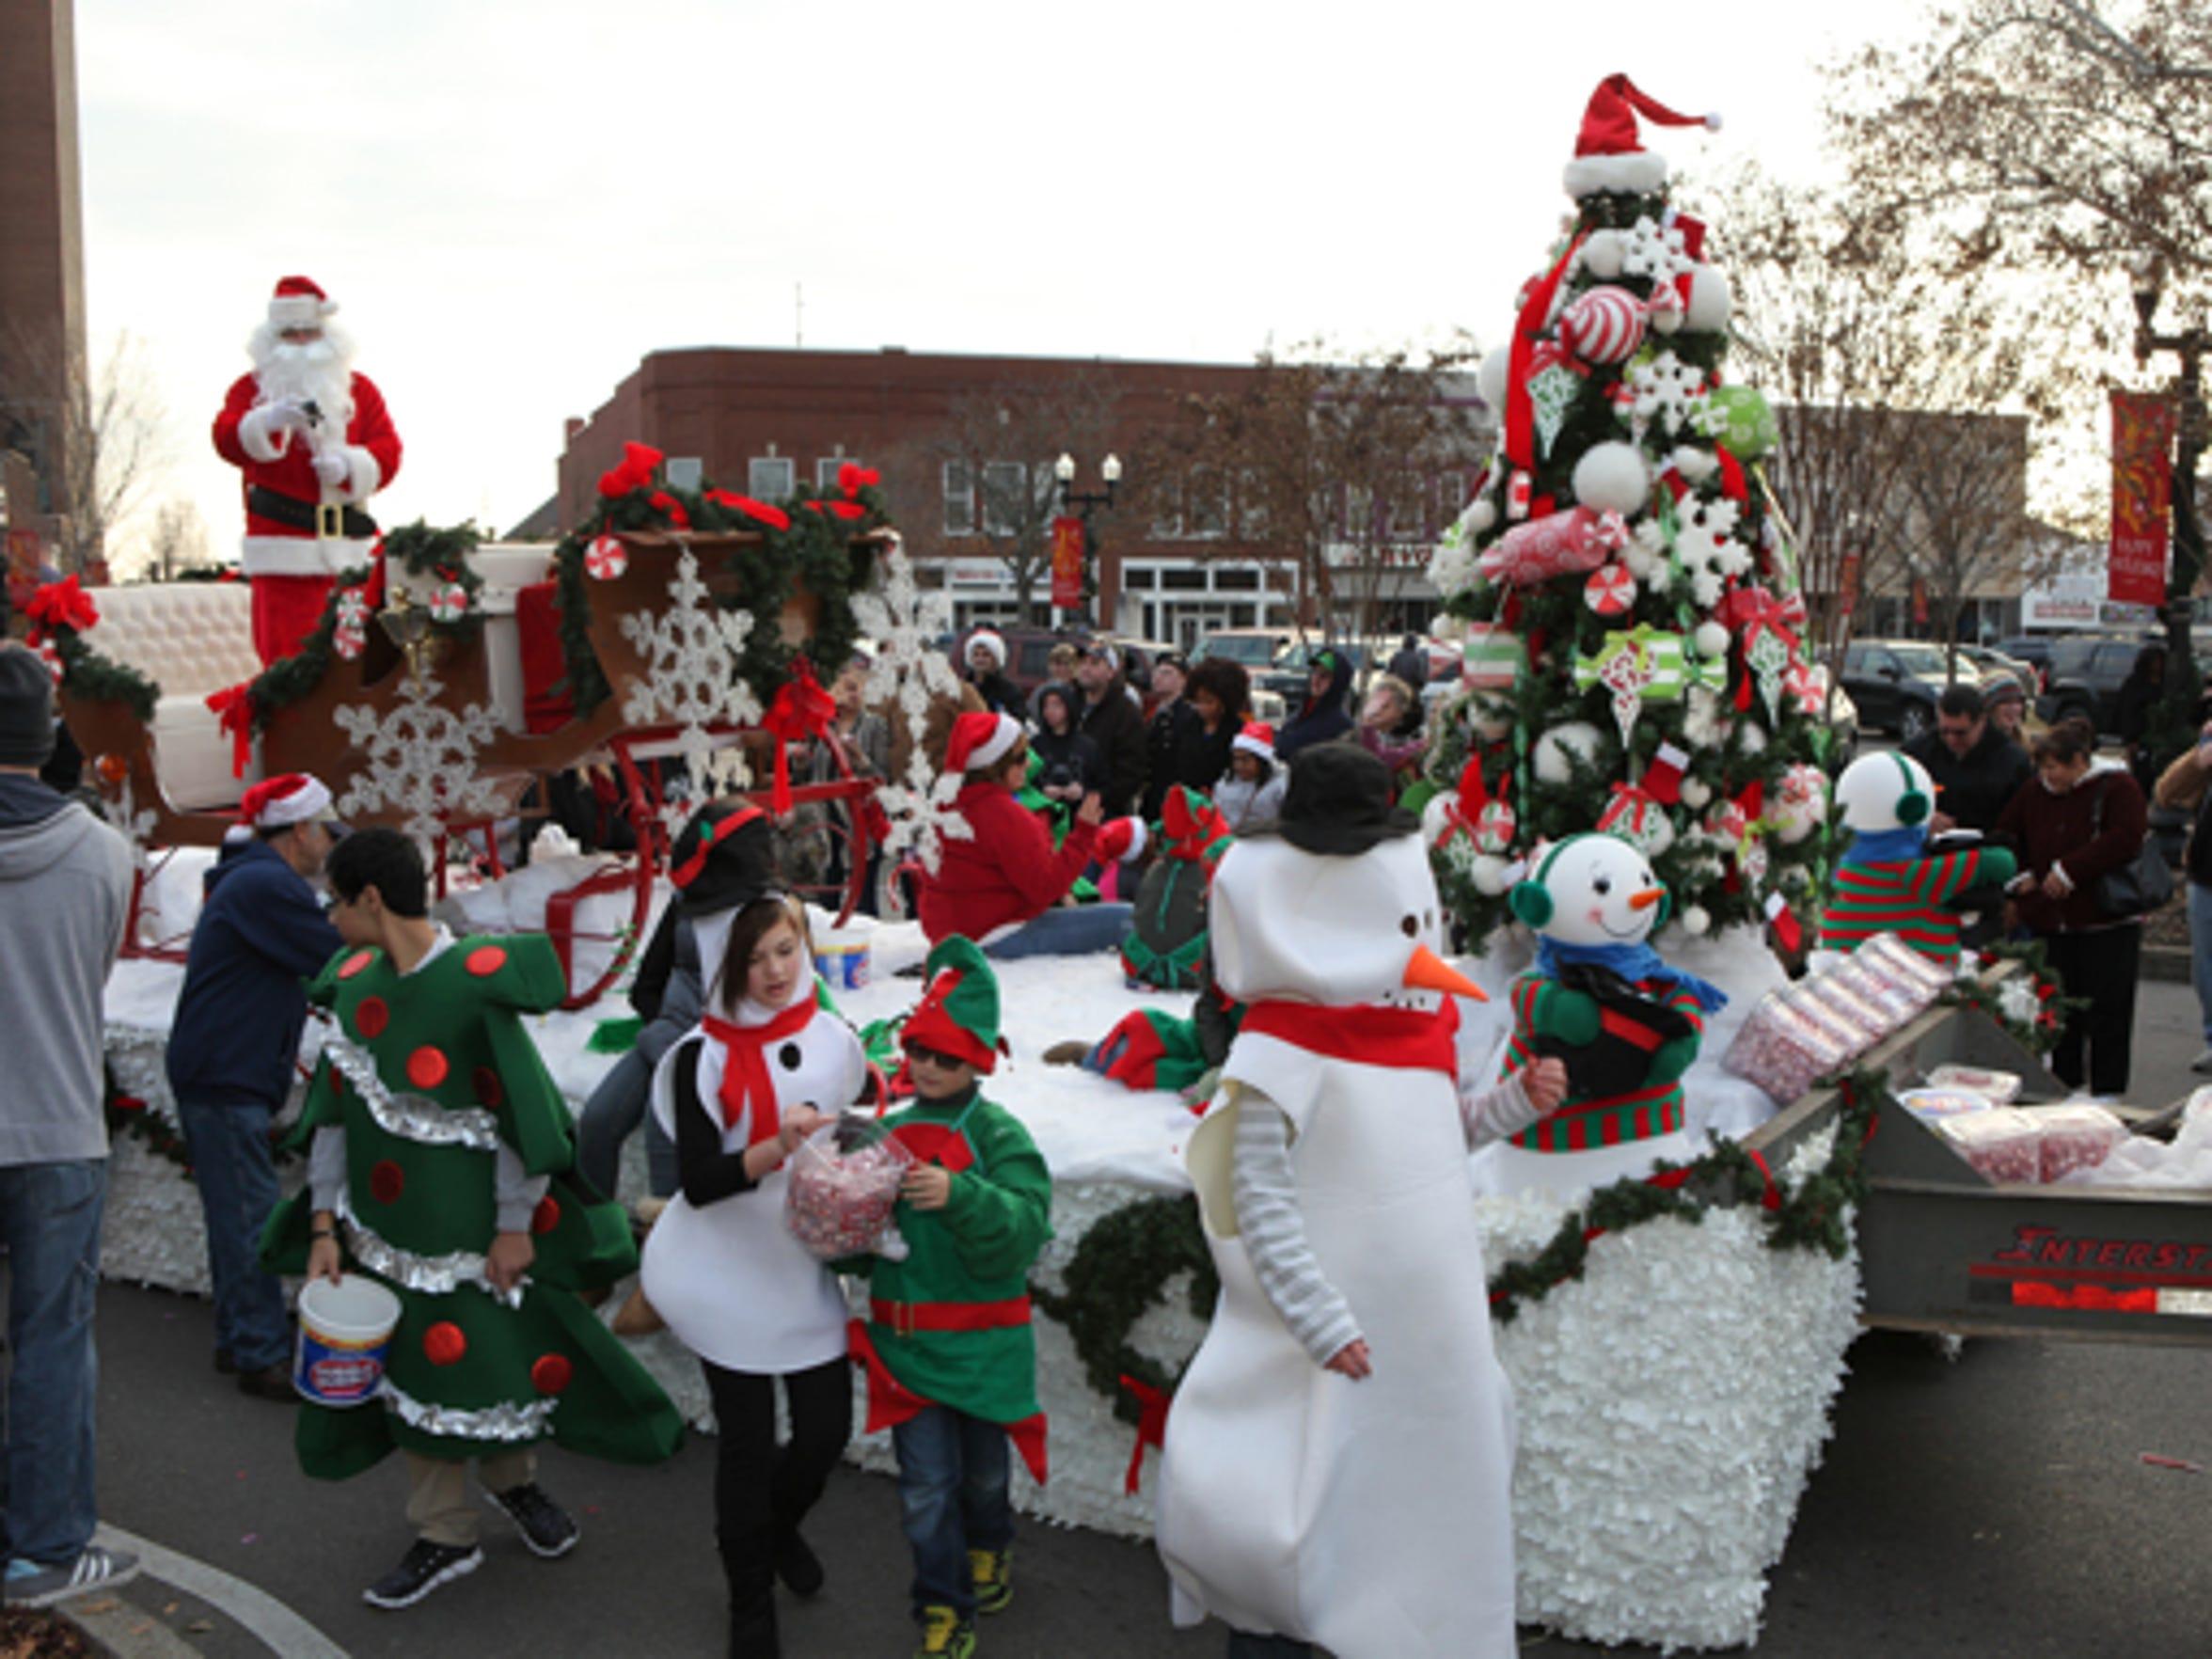 Murfreesboro Christmas parade will take place Sunday.